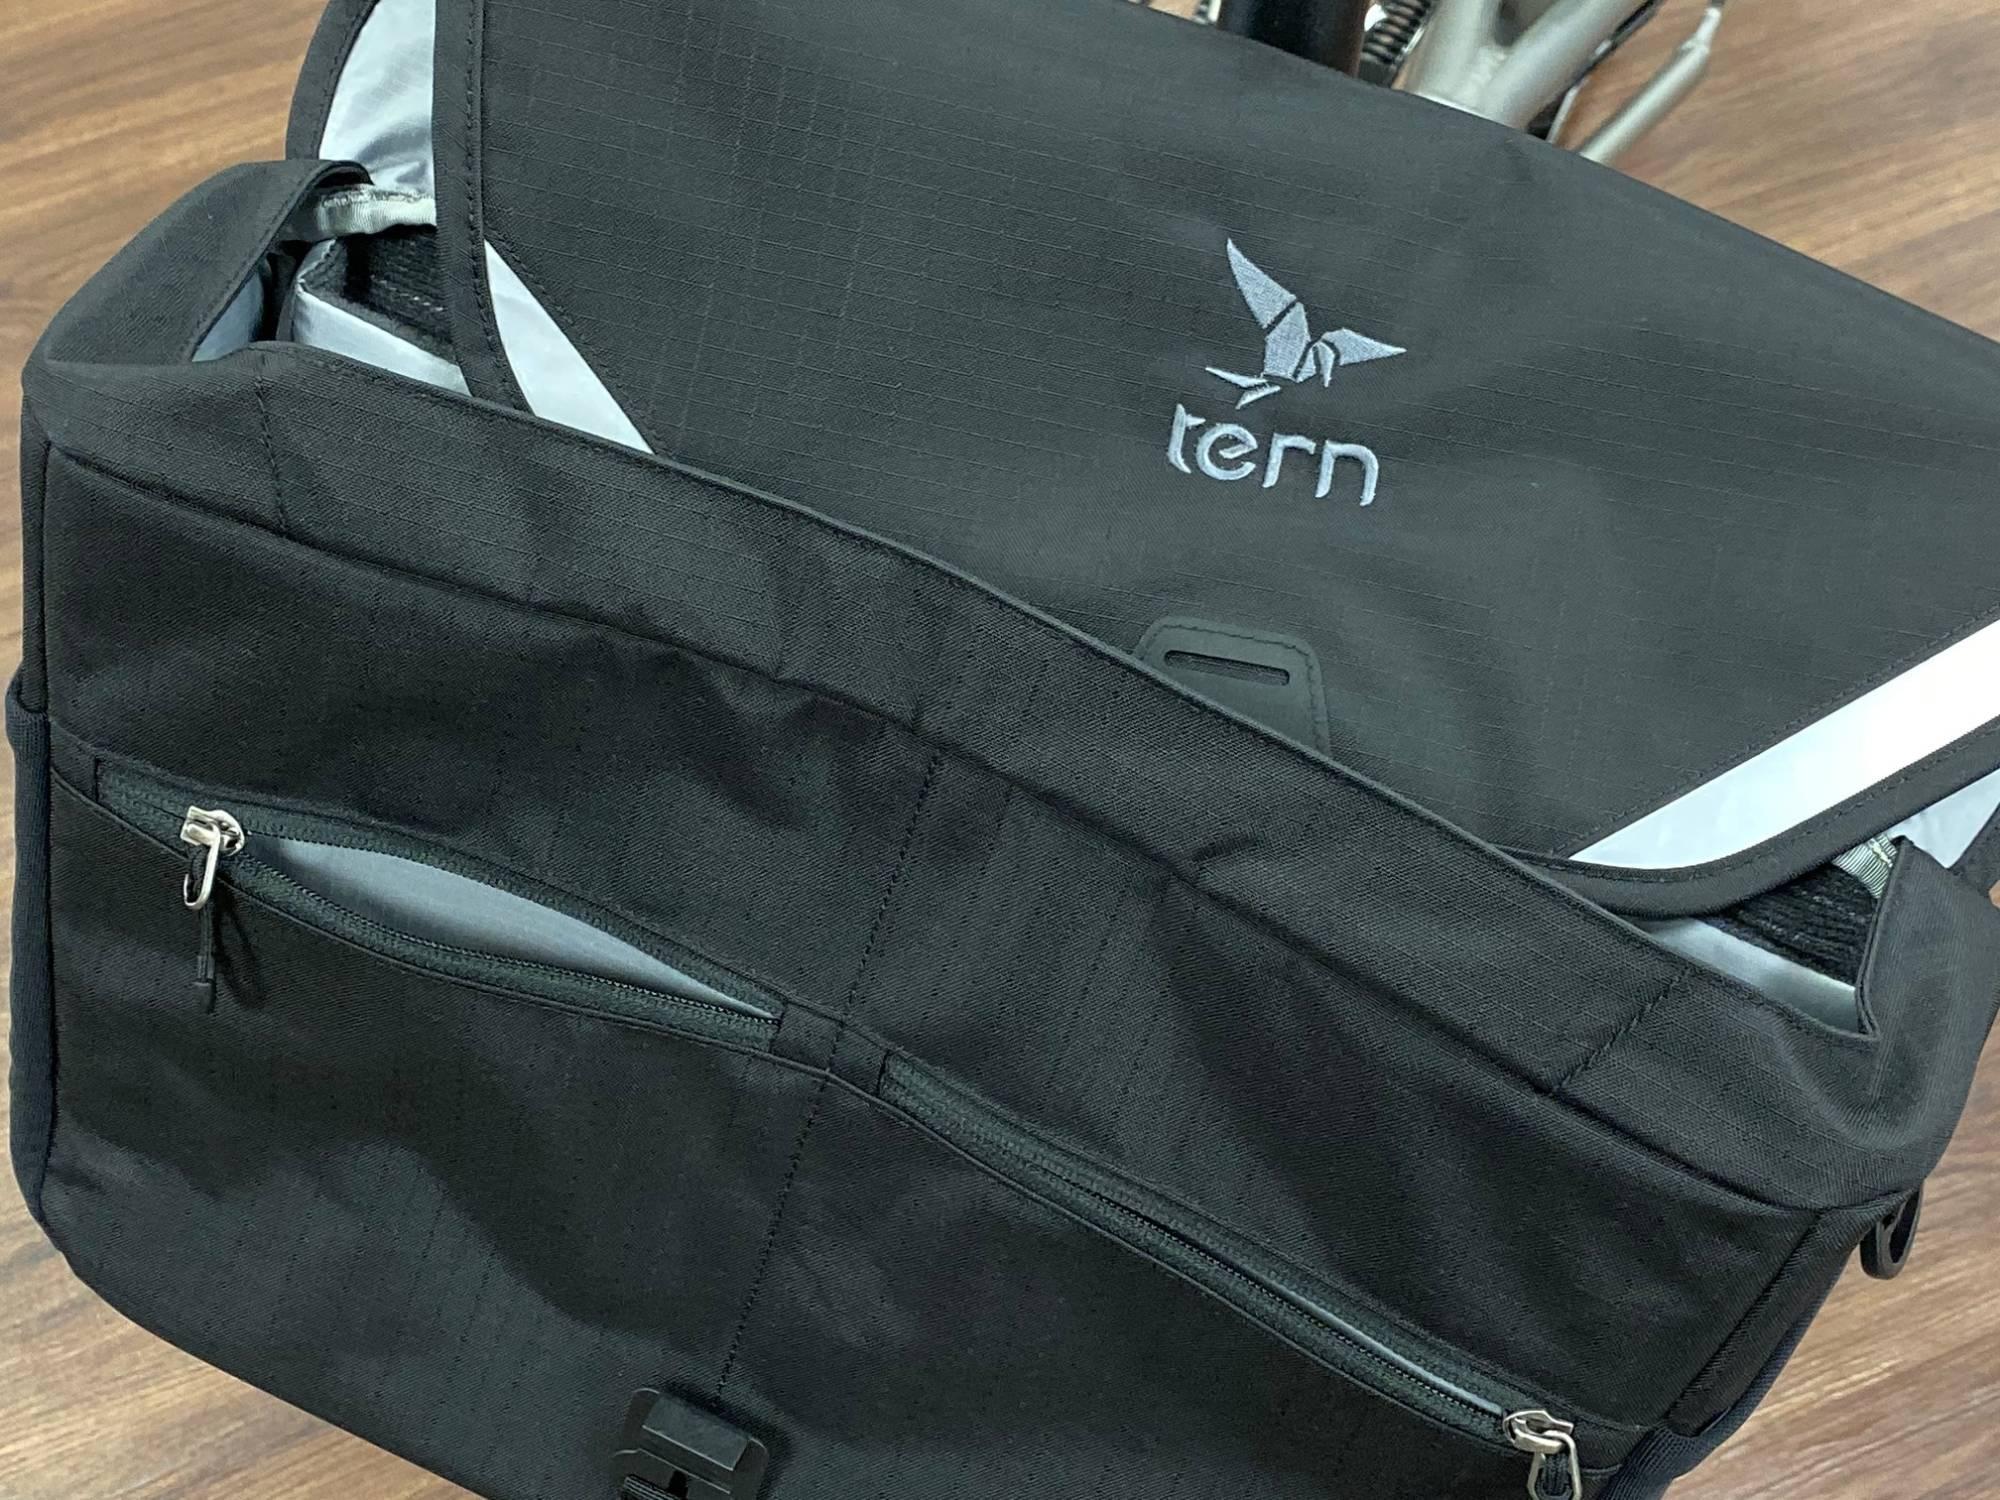 138 2020 Klickfix 99 To Go für für Tern Fronttasche Bag 02